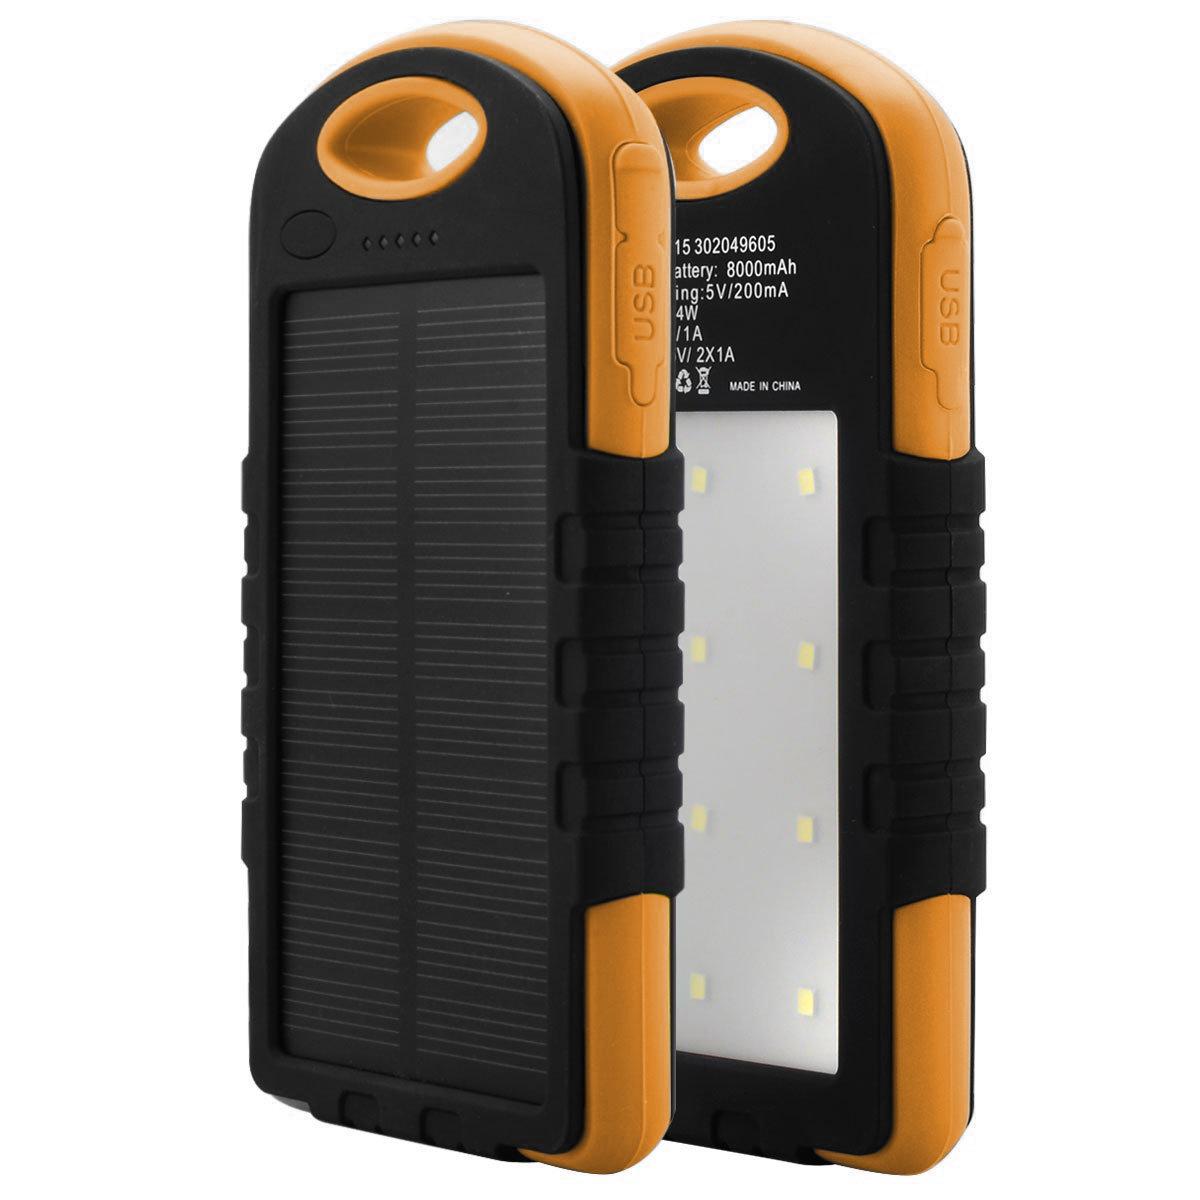 Купить Power bank 12000 mAh Solar, (5V/200mA), 2xUSB, 5V/1A/2.1A, USB  microUSB, влаго/ударо защищеный прорезиненный корпус, Black, Corton BOX